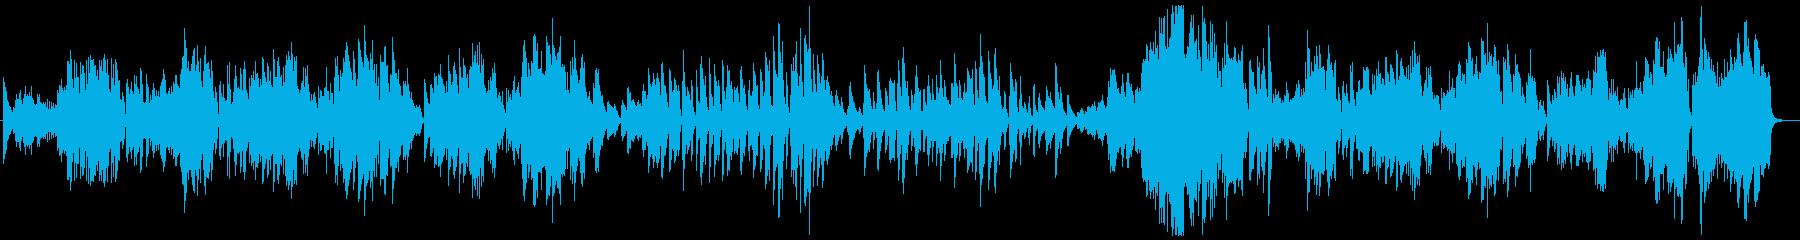 ショパン「子犬のワルツ」高音質の再生済みの波形